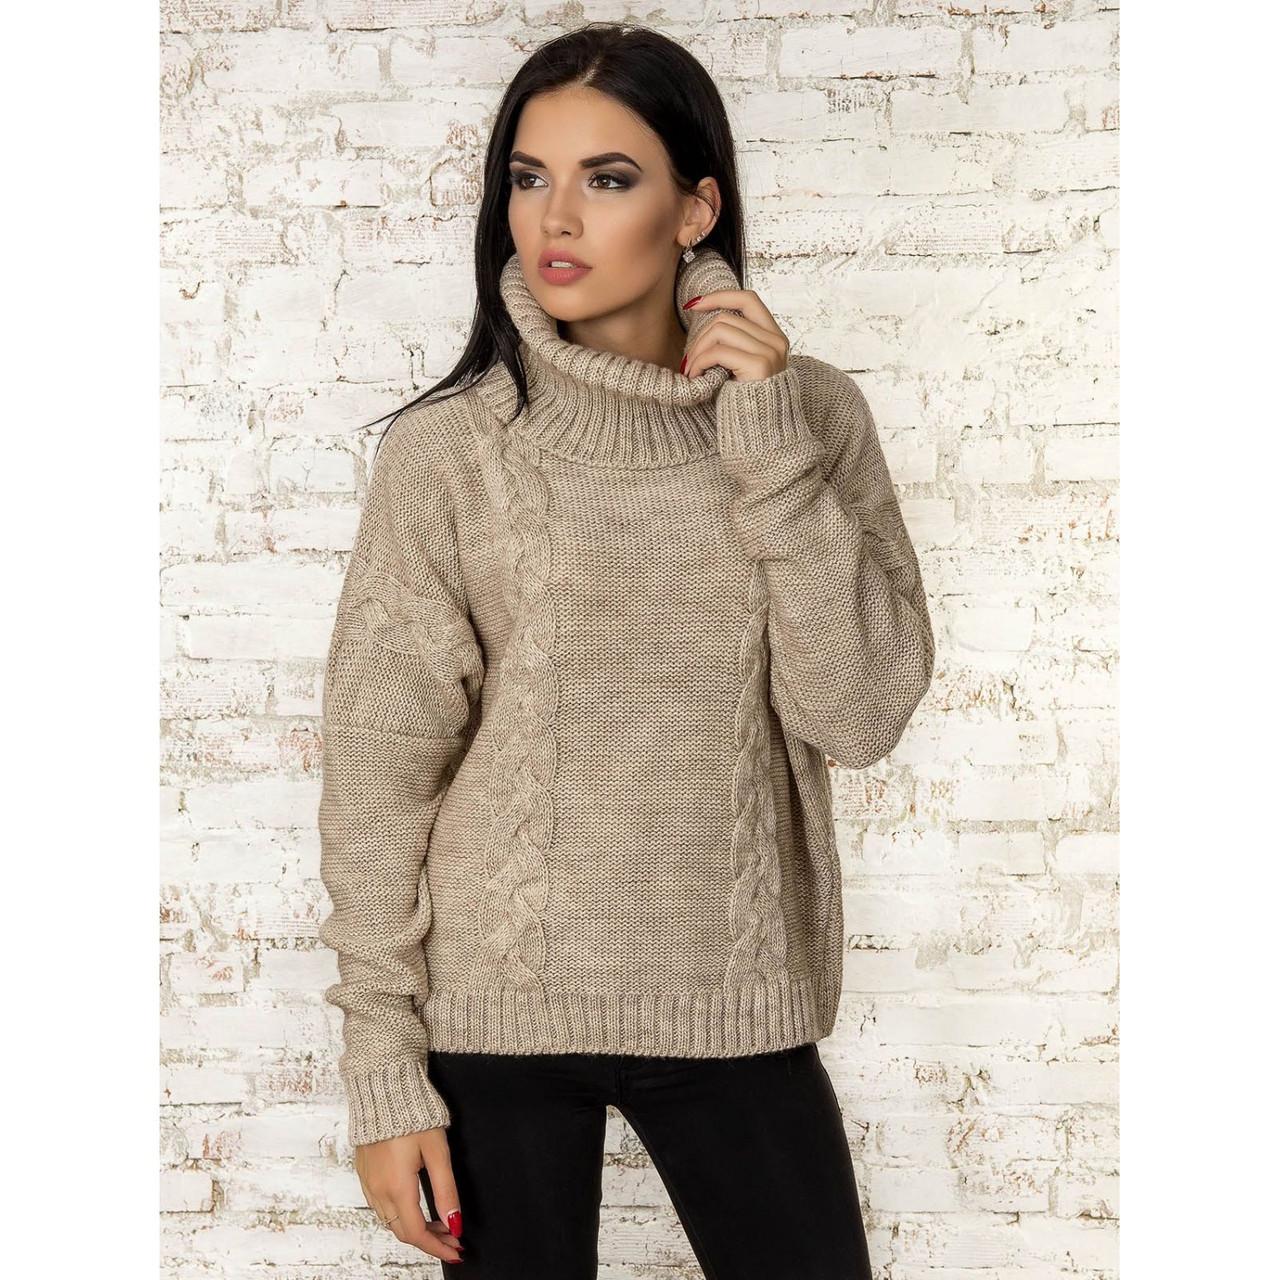 Теплий вільний жіночий светр під горло кольори в асортименті, універсальний розмір 44-48